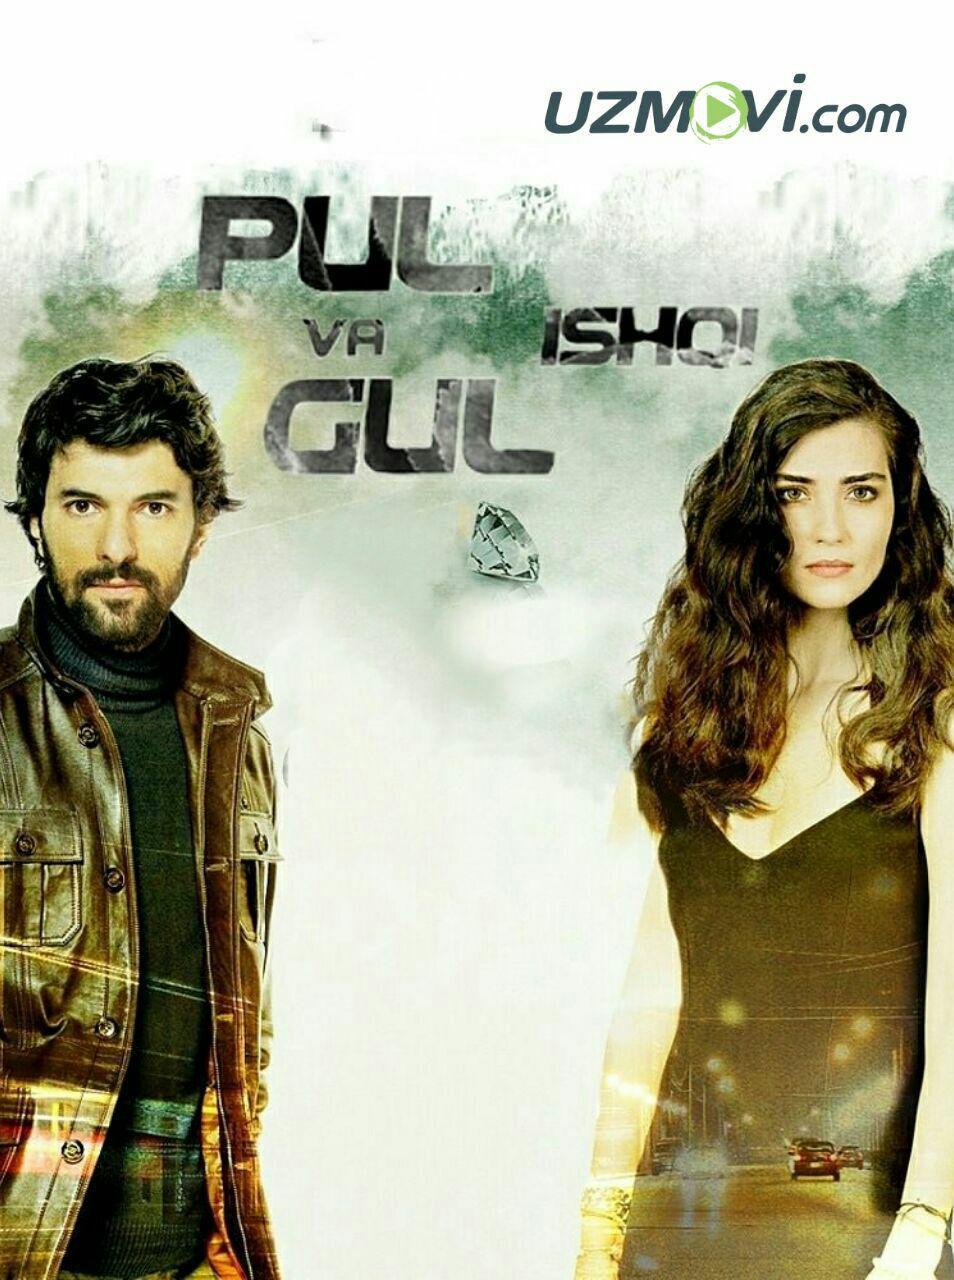 Pul va Gul ishqi / грязные деньги и любовь